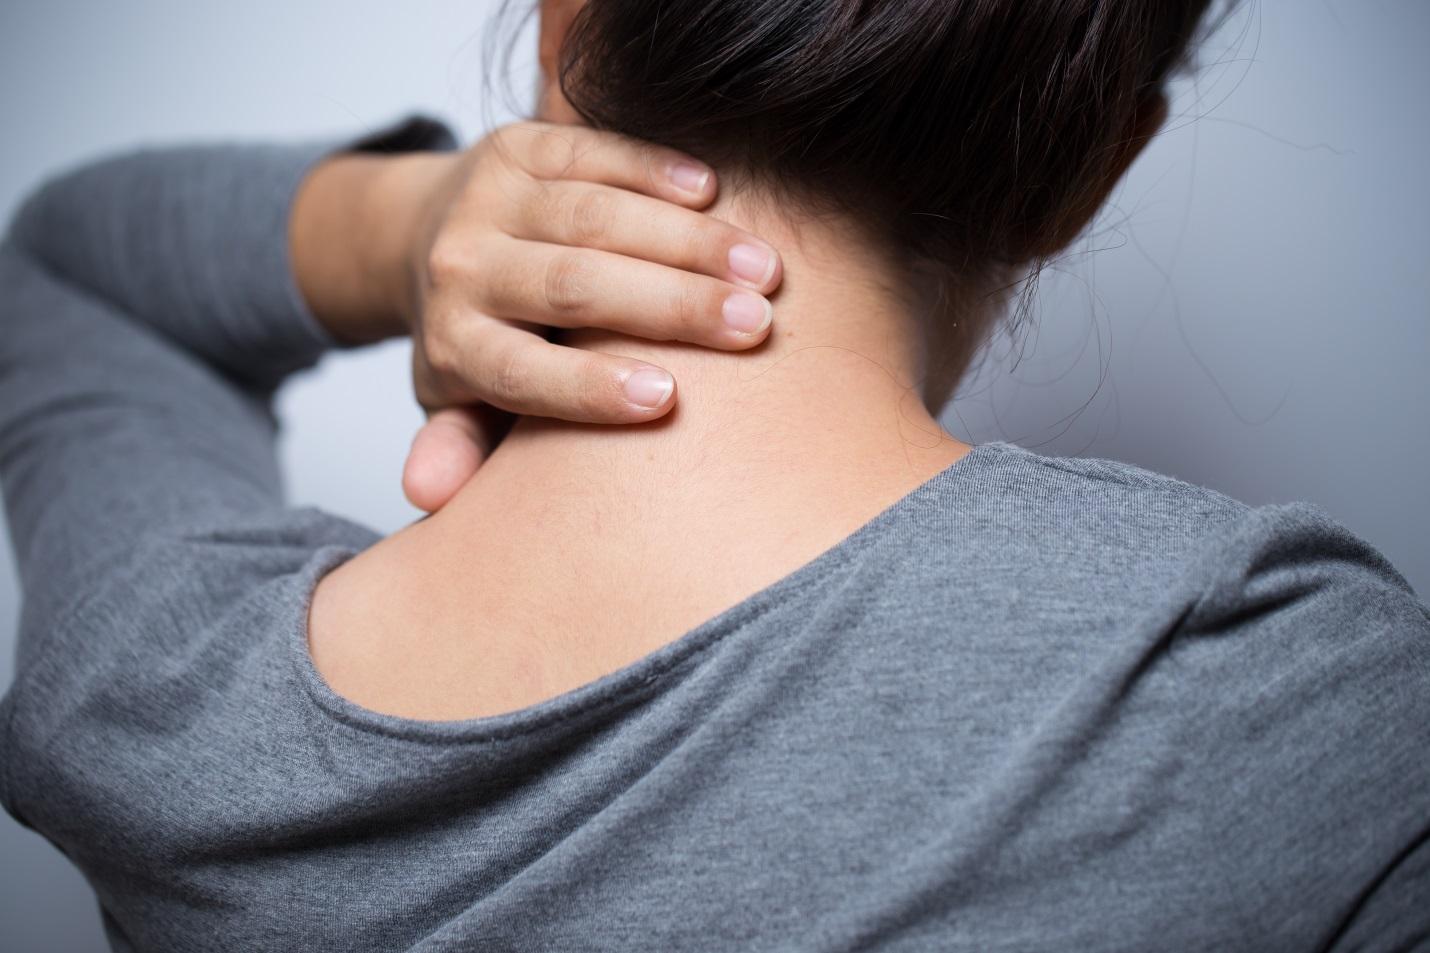 Ternyata Kebiasan Ini Merupakan Penyebab Sakit Pundak Leher yang Jarang Anda Sadari